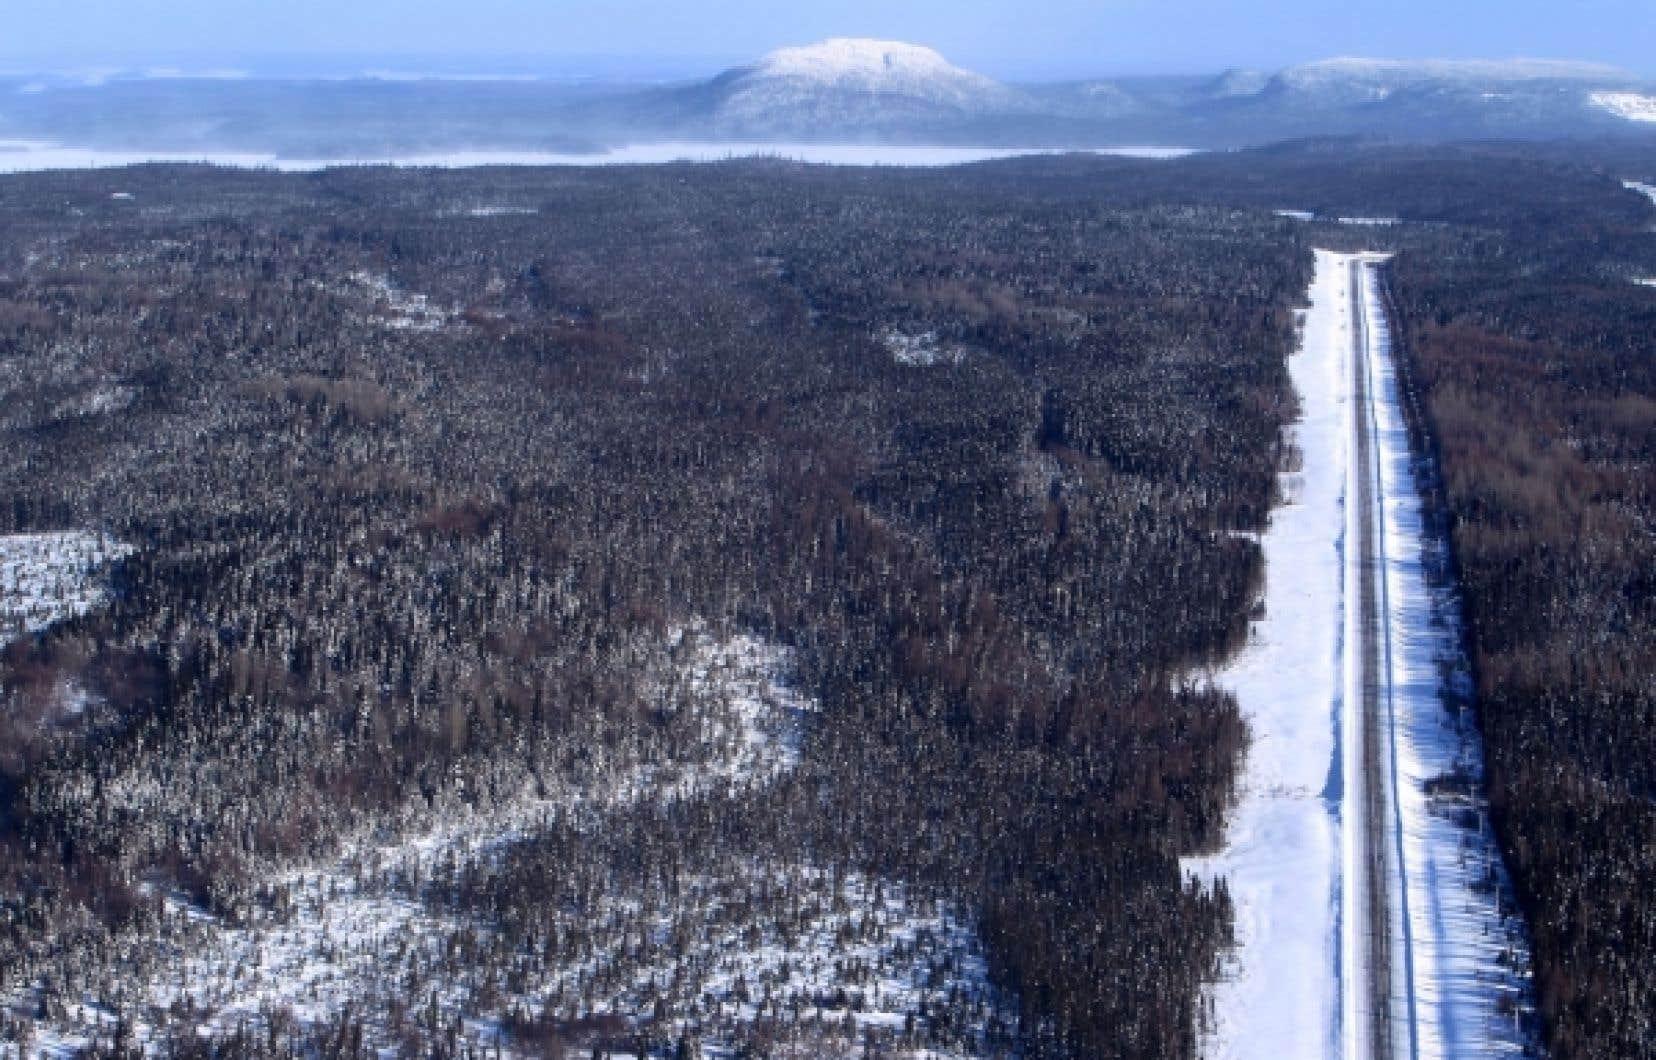 La Transtaïga part de la route de la Baie-James pour se rendre au réservoir Caniapiscau. Elle a été construite pour être utilisée par Hydro-Québec et ne croise ni agglomération ni ville, sauf les camps des travailleurs de la société d'État. Il s'agit de la route située la plus au nord du Québec.